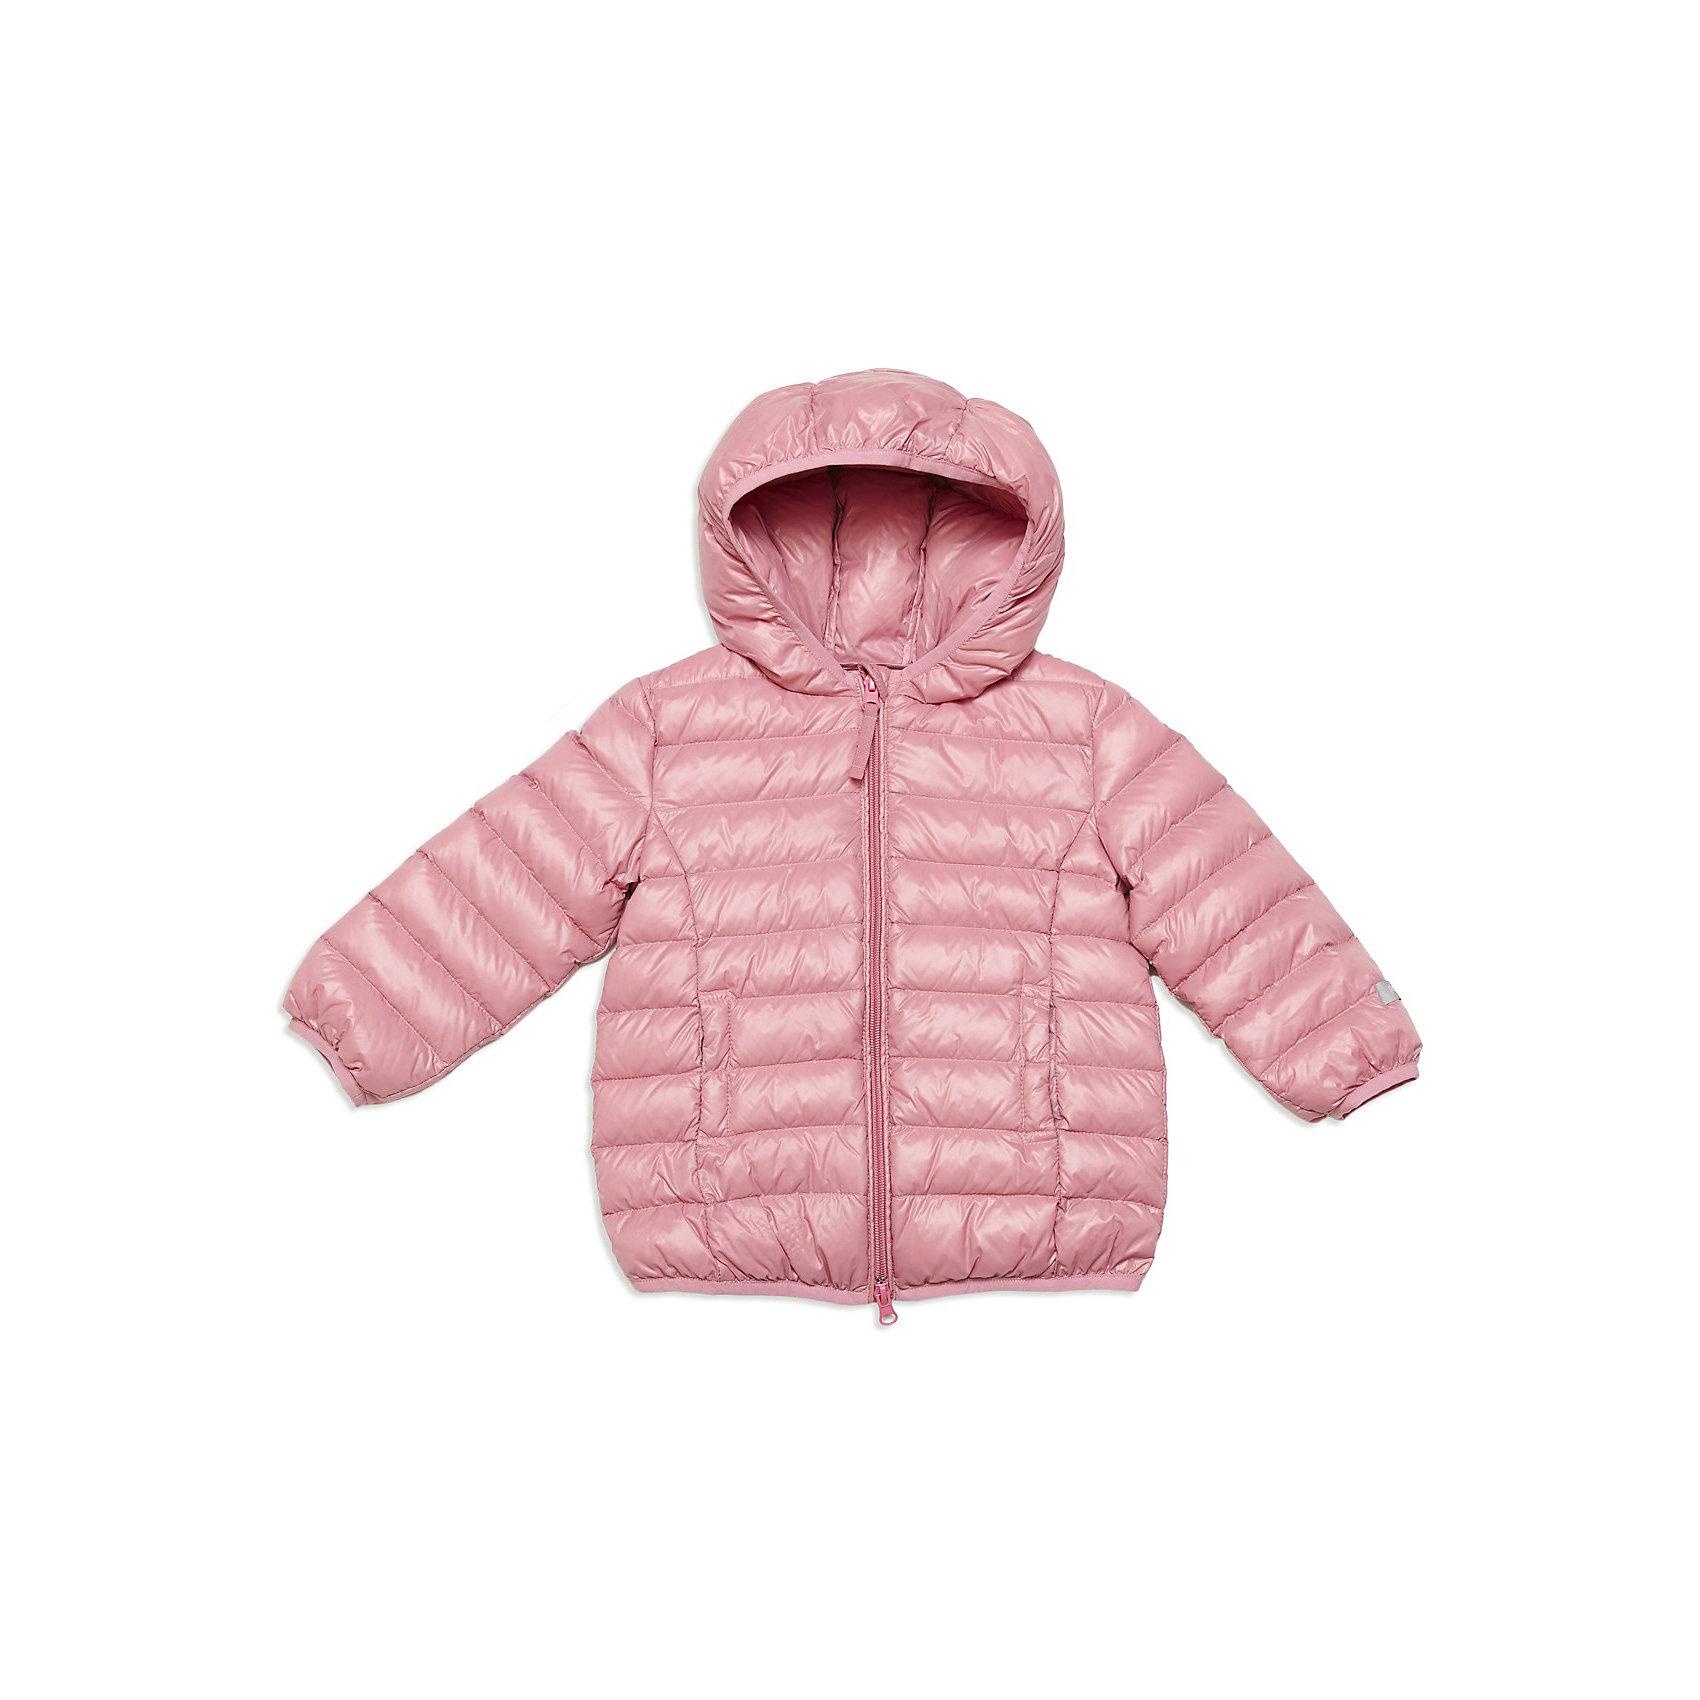 Куртка для девочки PlayTodayВерхняя одежда<br>Куртка для девочки от известной марки PlayToday<br>* теплая стеганая куртка нежно-розового цвета с капюшоном <br>* велюровая подкладка спереди и по спинке обеспечивает дополнительное тепло<br>* застежка - молния; ветрозащитная планка с внутренней стороны куртки; защита подбородка<br>* по бокам два функциональных кармана на липучке <br>* края изделия обработаны декоративной трикотажной тесьмой (рукава, капюшон, низ)<br>Состав:<br>верх: 100% нейлон, подкладка: 100% хлопок, наполнитель: 90% пух, 10% перо<br><br>Ширина мм: 356<br>Глубина мм: 10<br>Высота мм: 245<br>Вес г: 519<br>Цвет: розовый<br>Возраст от месяцев: 18<br>Возраст до месяцев: 24<br>Пол: Женский<br>Возраст: Детский<br>Размер: 92,86,80,74<br>SKU: 3745843